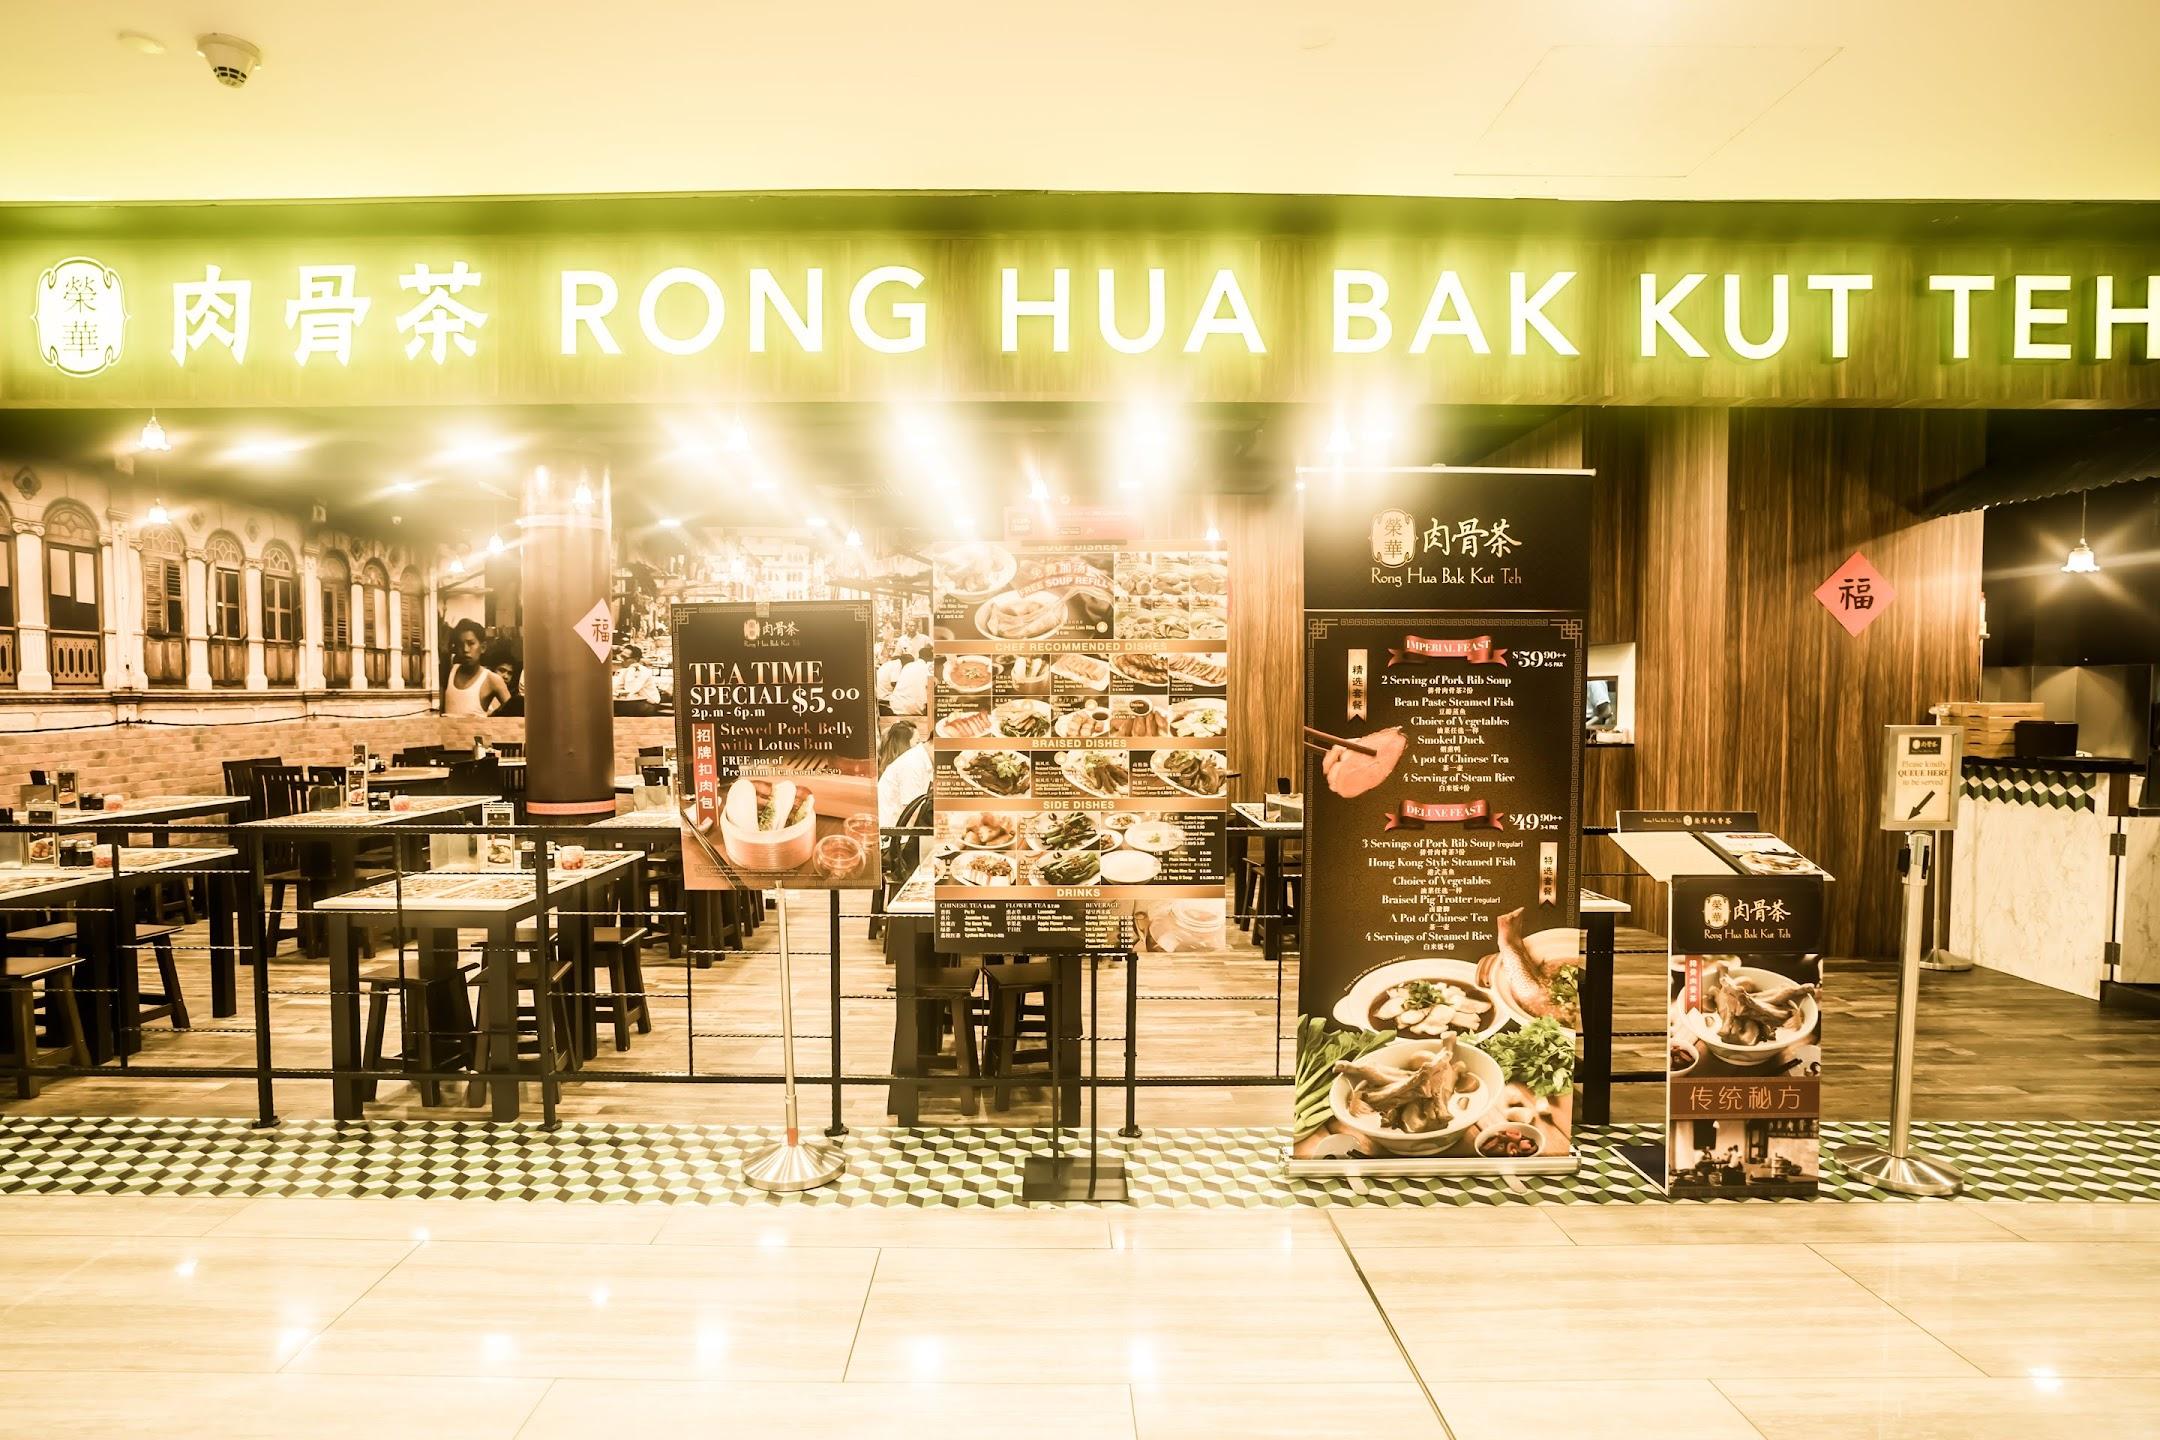 シンガポール Rong Hua Bak Kut Teh1